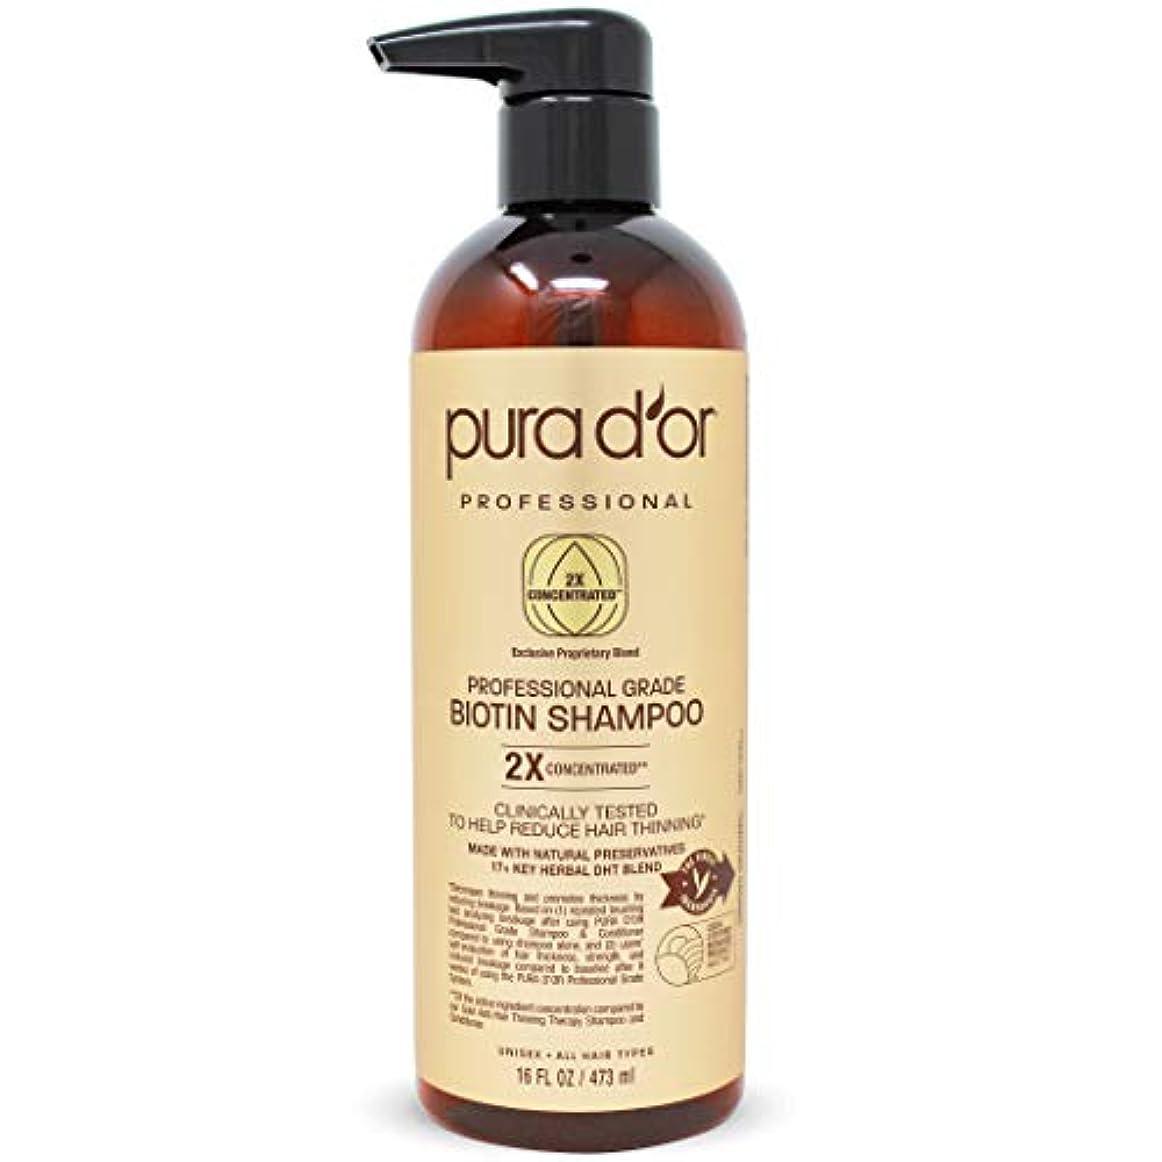 前投薬ワークショップ祭司PURA D'OR プロフェッショナル品質 薄毛対策 2X 濃縮 有効成分 効果を高める 天然成分 臨床試験済み、硫酸塩フリー、男性 & 女性、473 ml(16 液量オンス) シャンプー